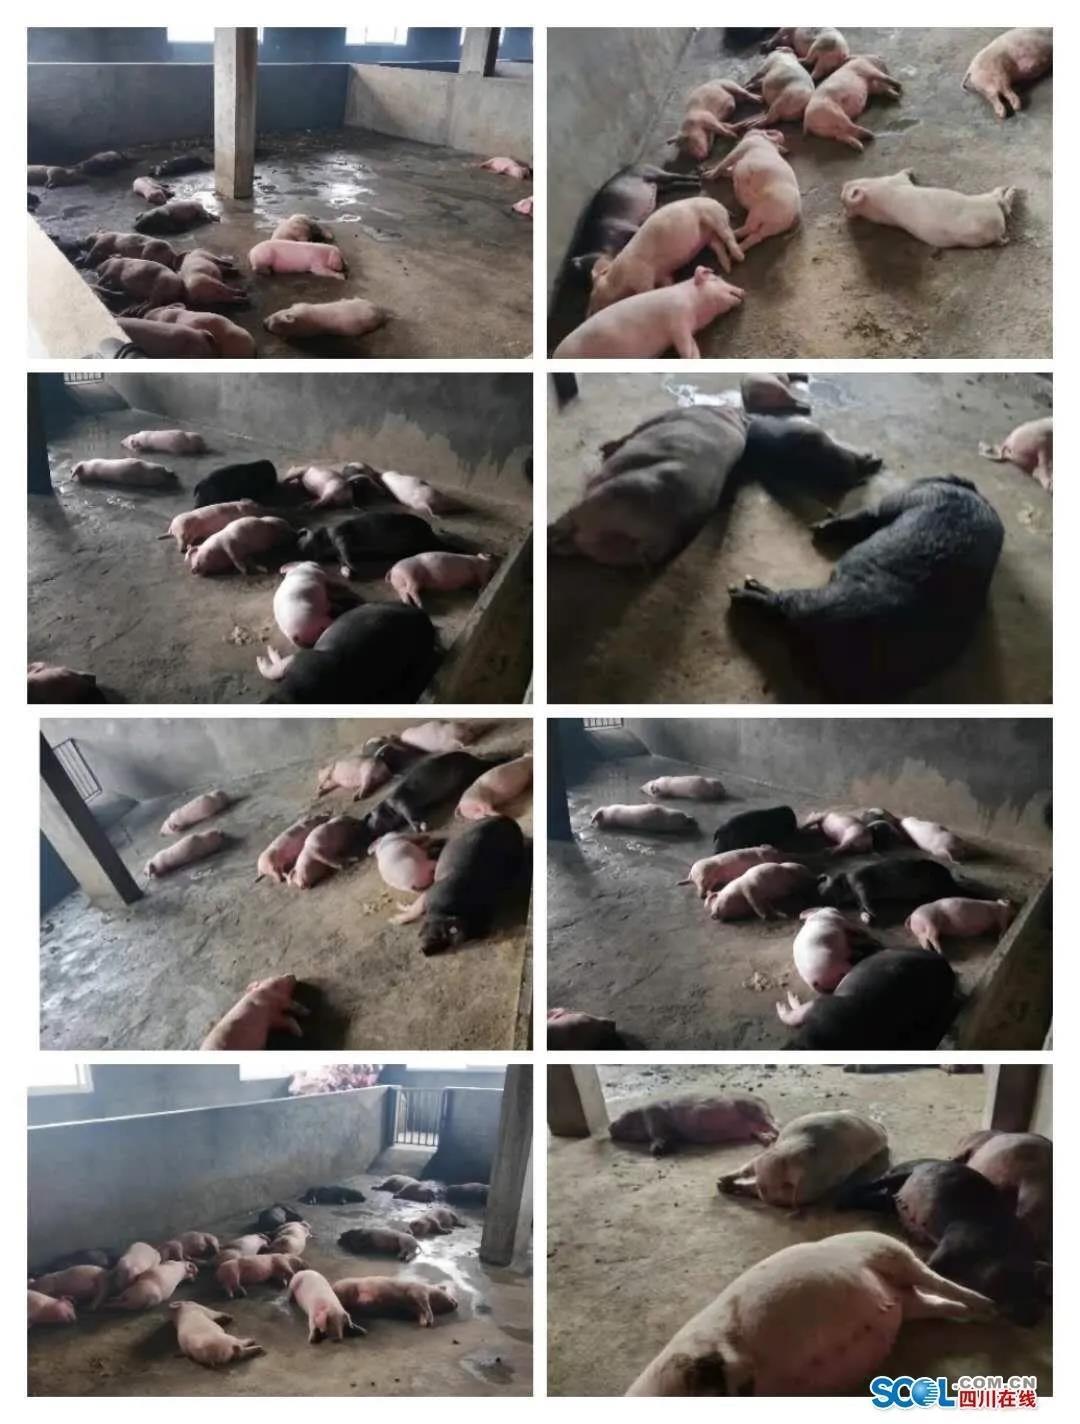 痛心!因烧煤取暖四川一养猪场99头猪丧生!冬季猪场取暖一定要多加注意!